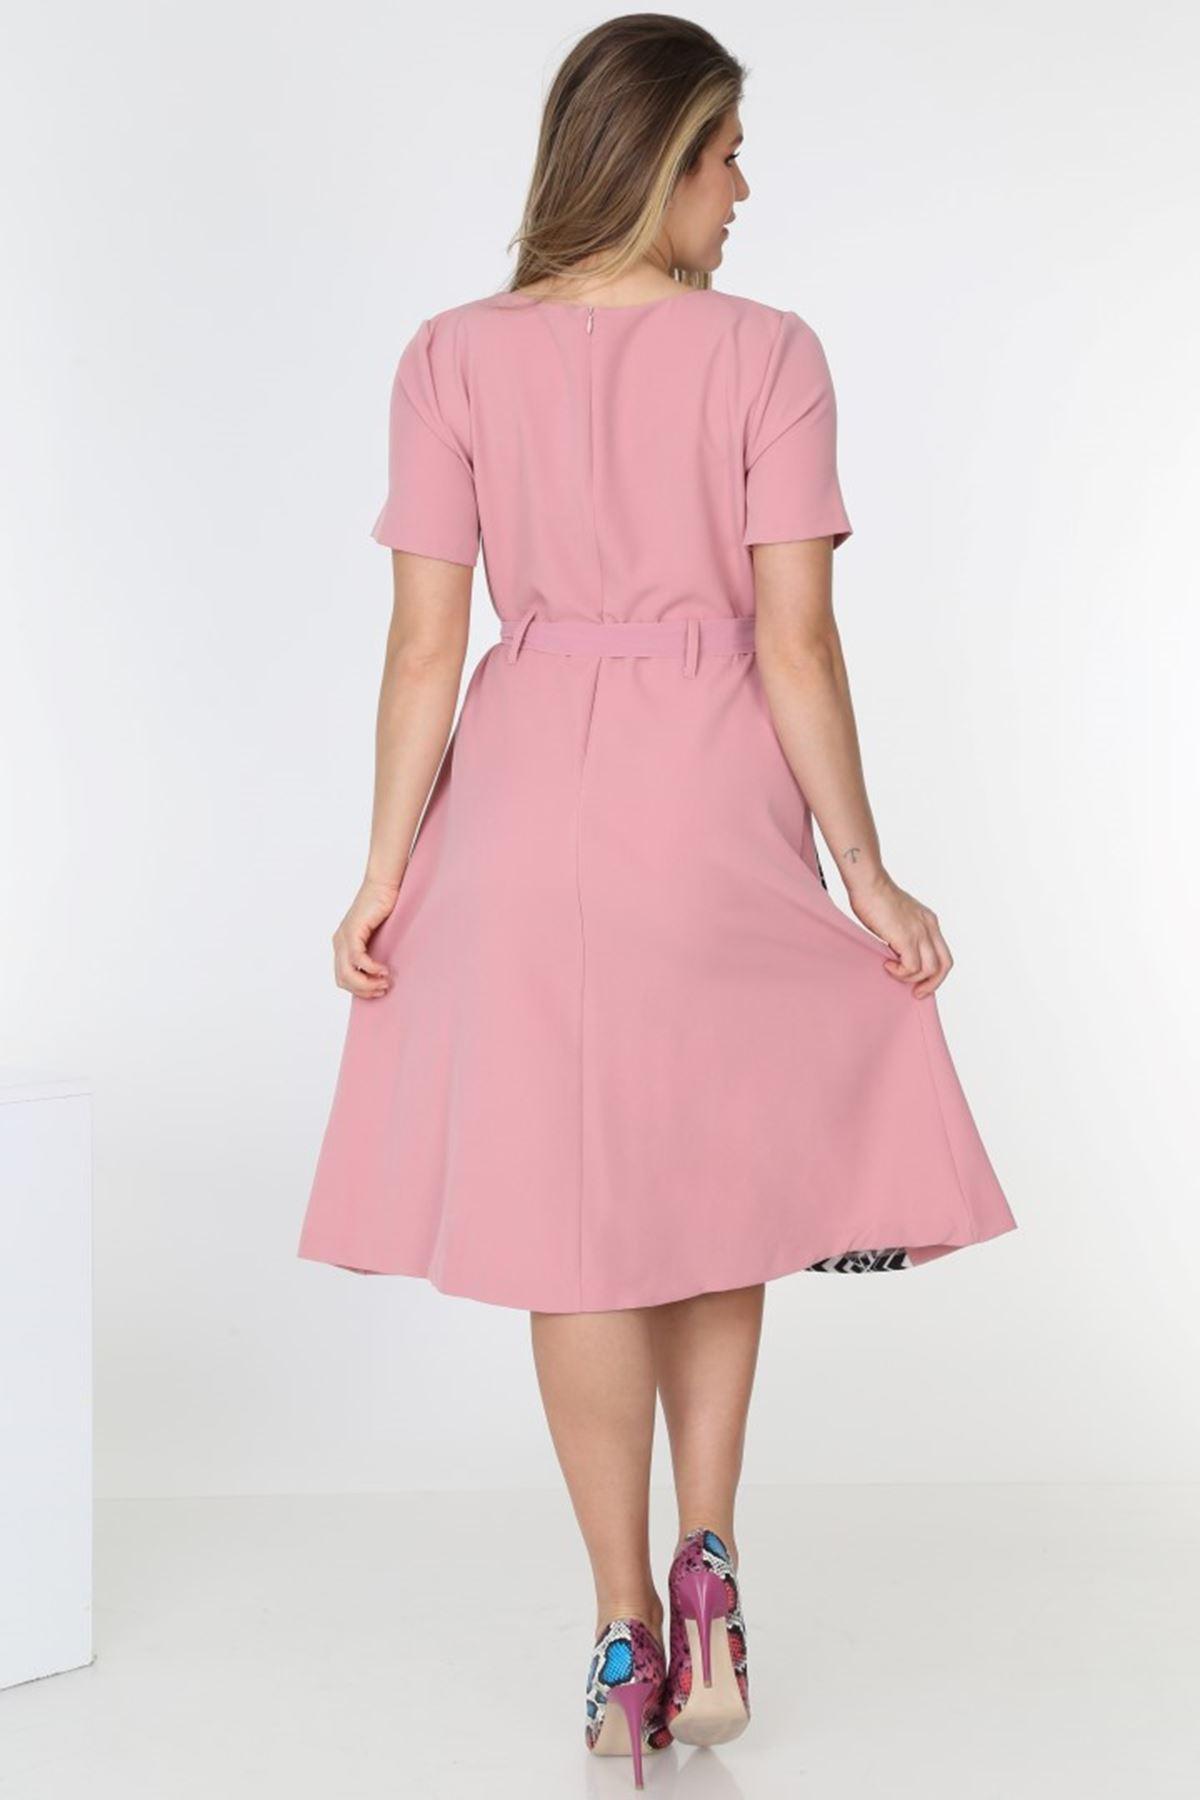 Garnili Yazlık Elbise H3-0547